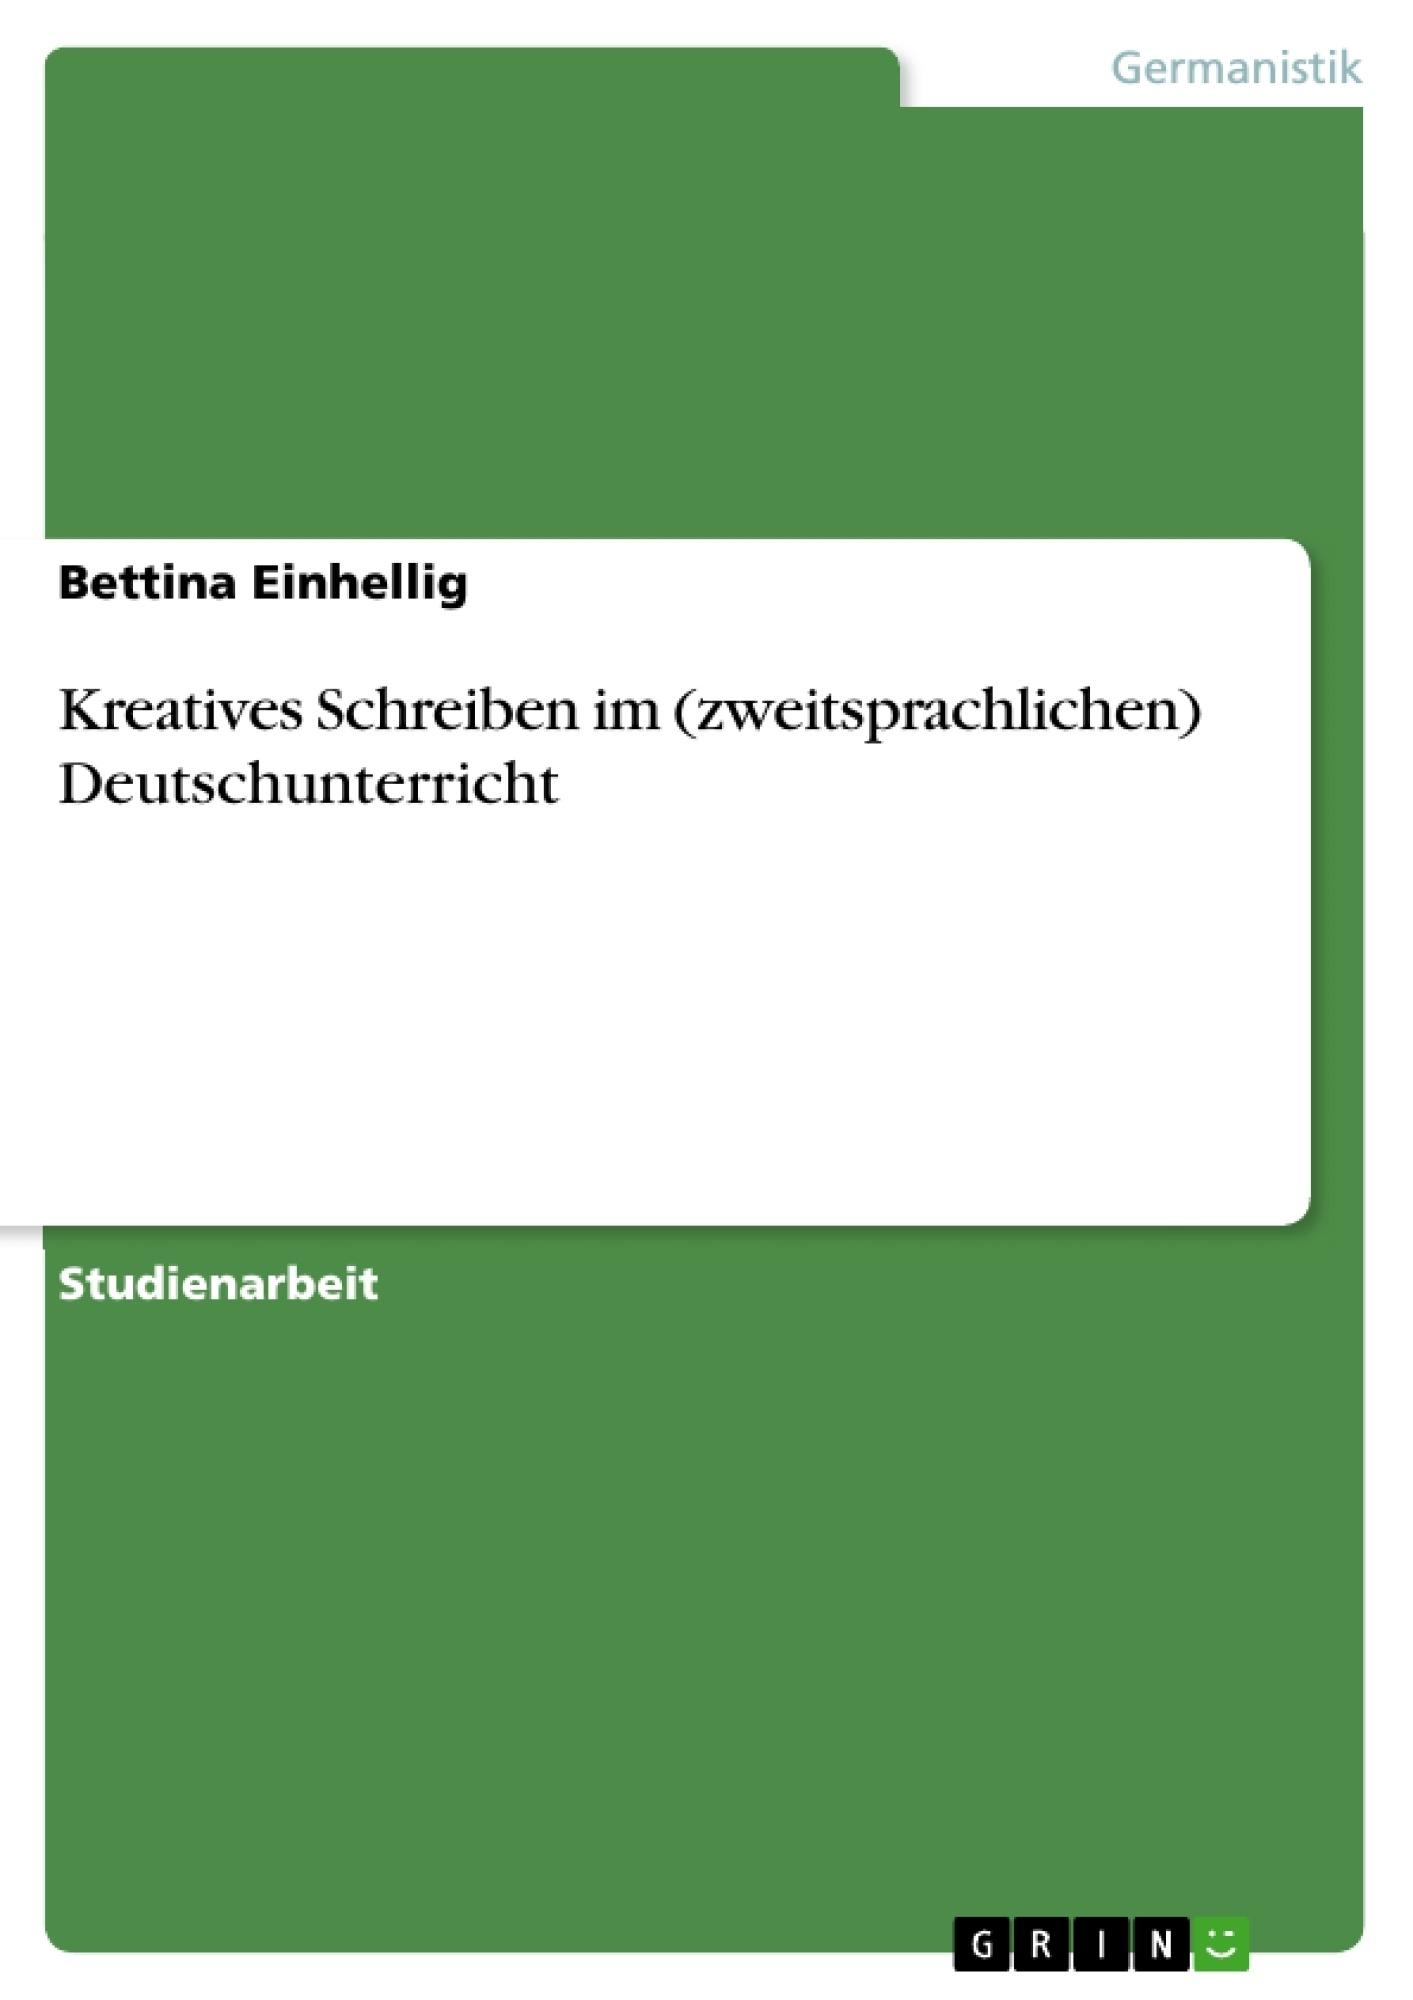 Titel: Kreatives Schreiben im (zweitsprachlichen) Deutschunterricht